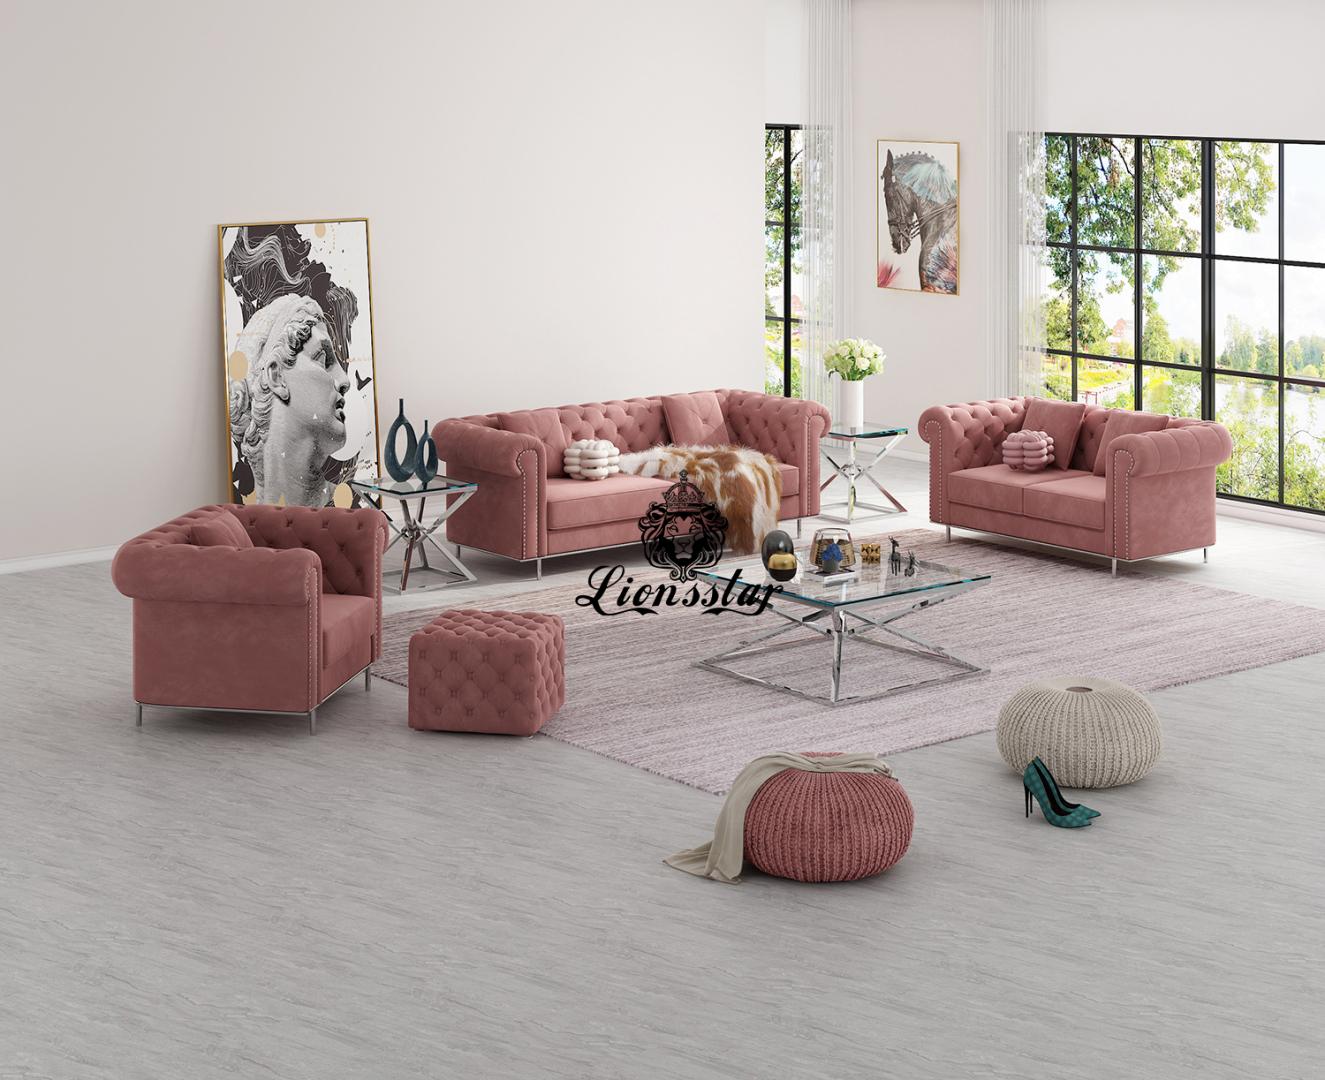 Luxus Designer Sofaset Vienna